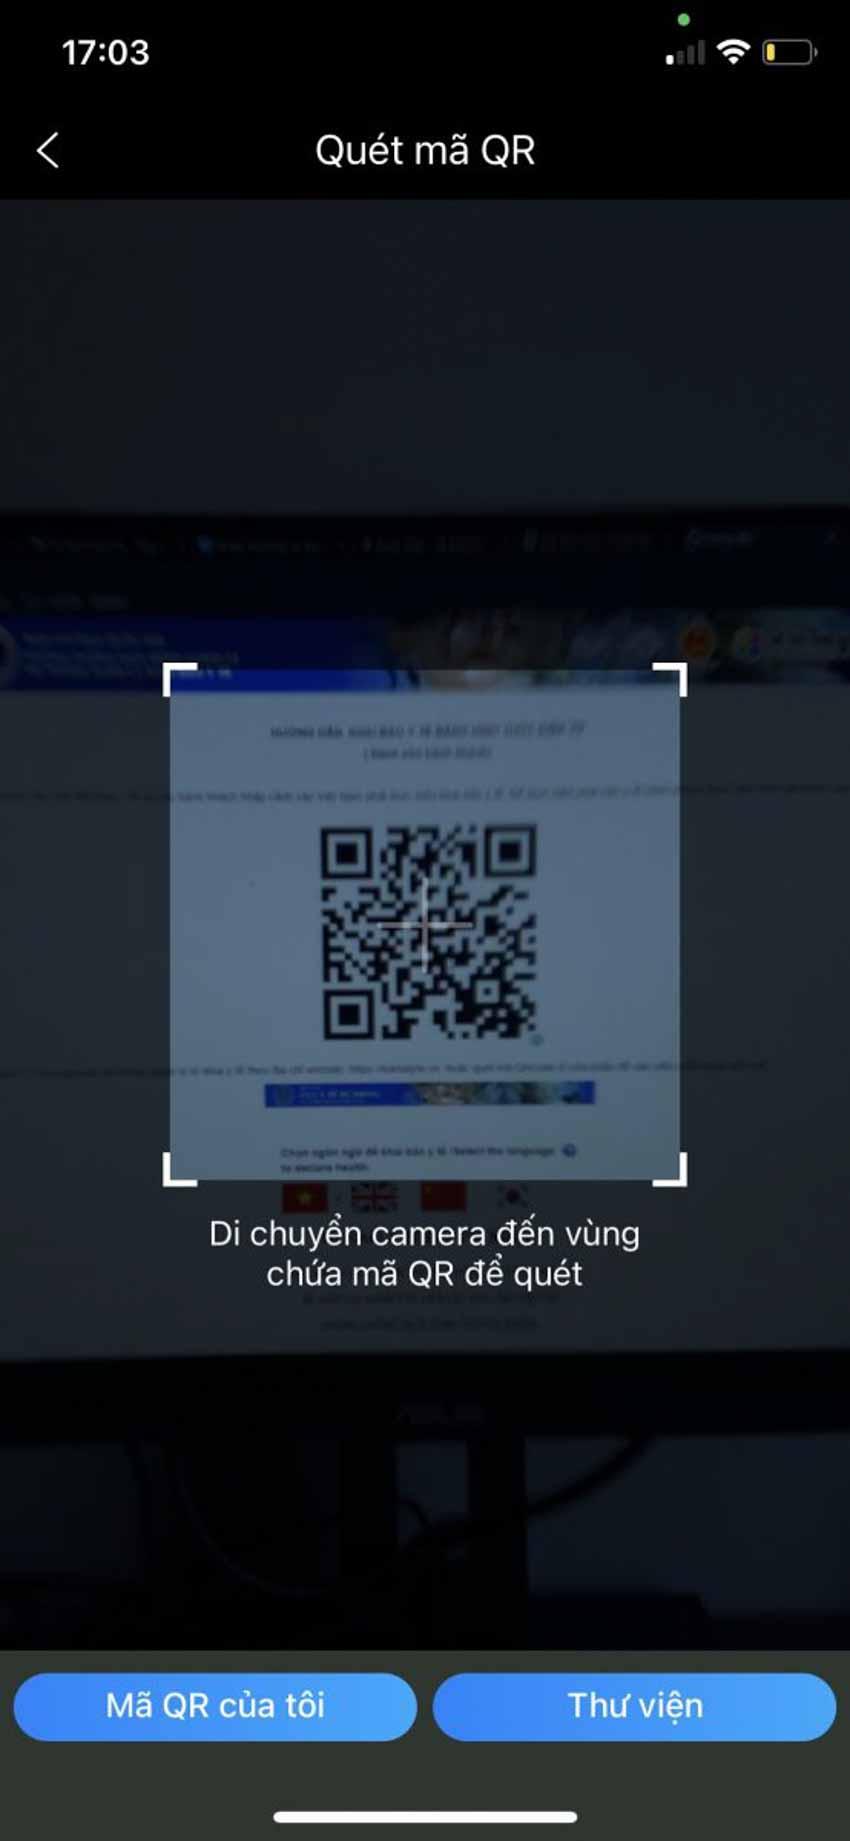 Hướng dẫn khai báo y tế trực tuyến bằng cách quét mã QR với ứng dụng Zalo - 2